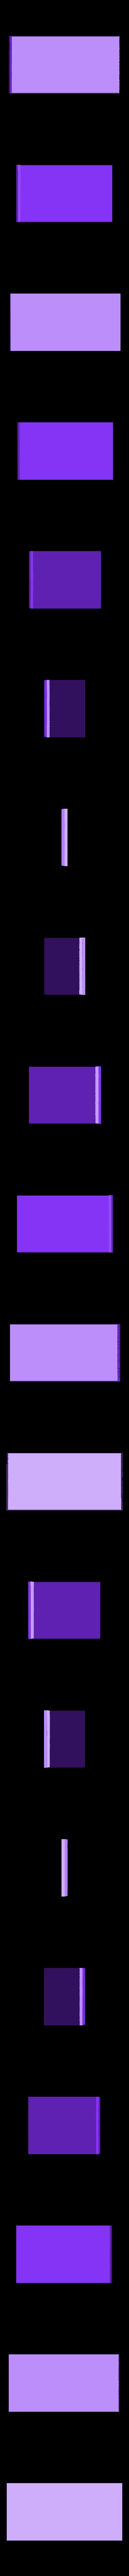 basestand.stl Télécharger fichier STL gratuit Support de base de 40mm x 20mm pour le wargame de fantaisie • Design pour impression 3D, barnEbiss2